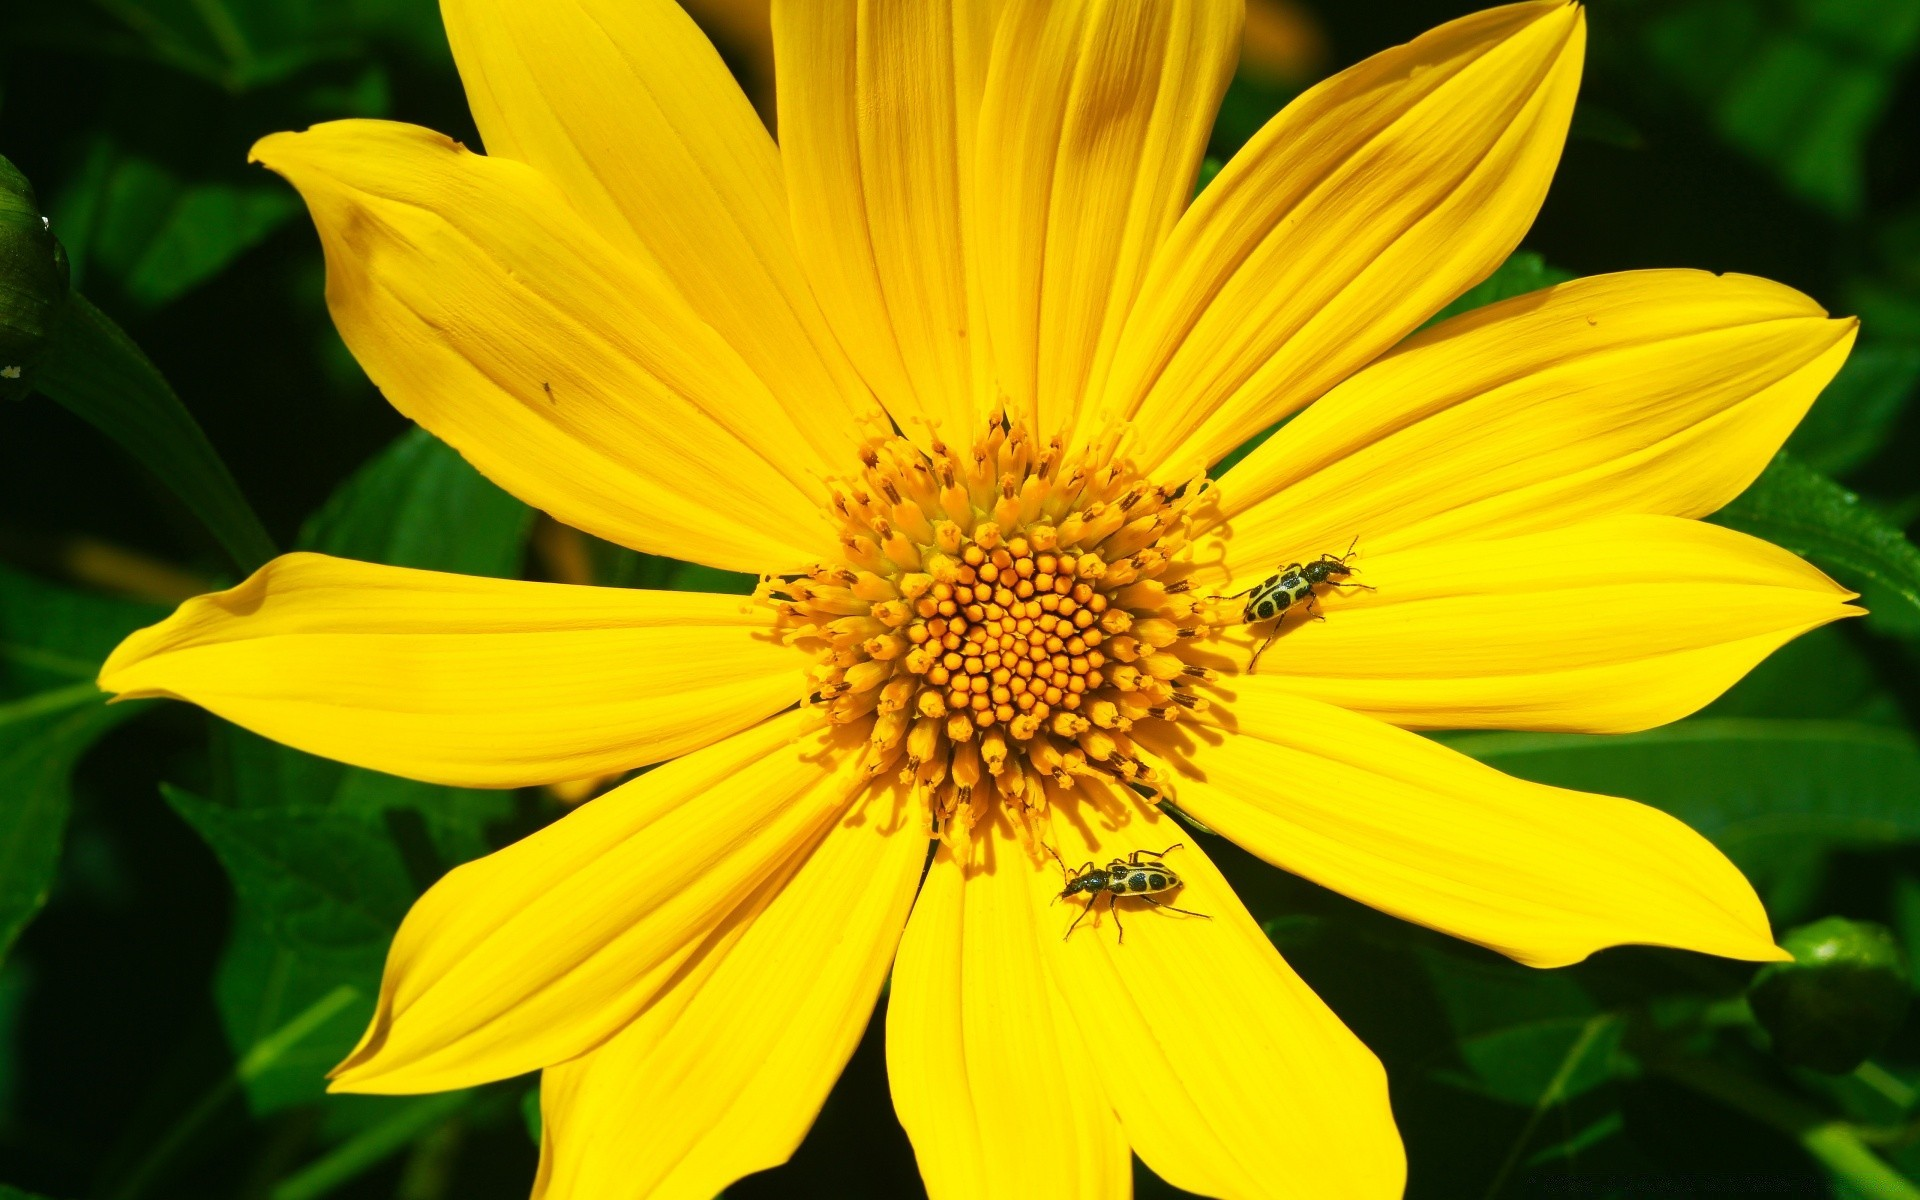 Открытка коллегам, картинки с желтыми цветами